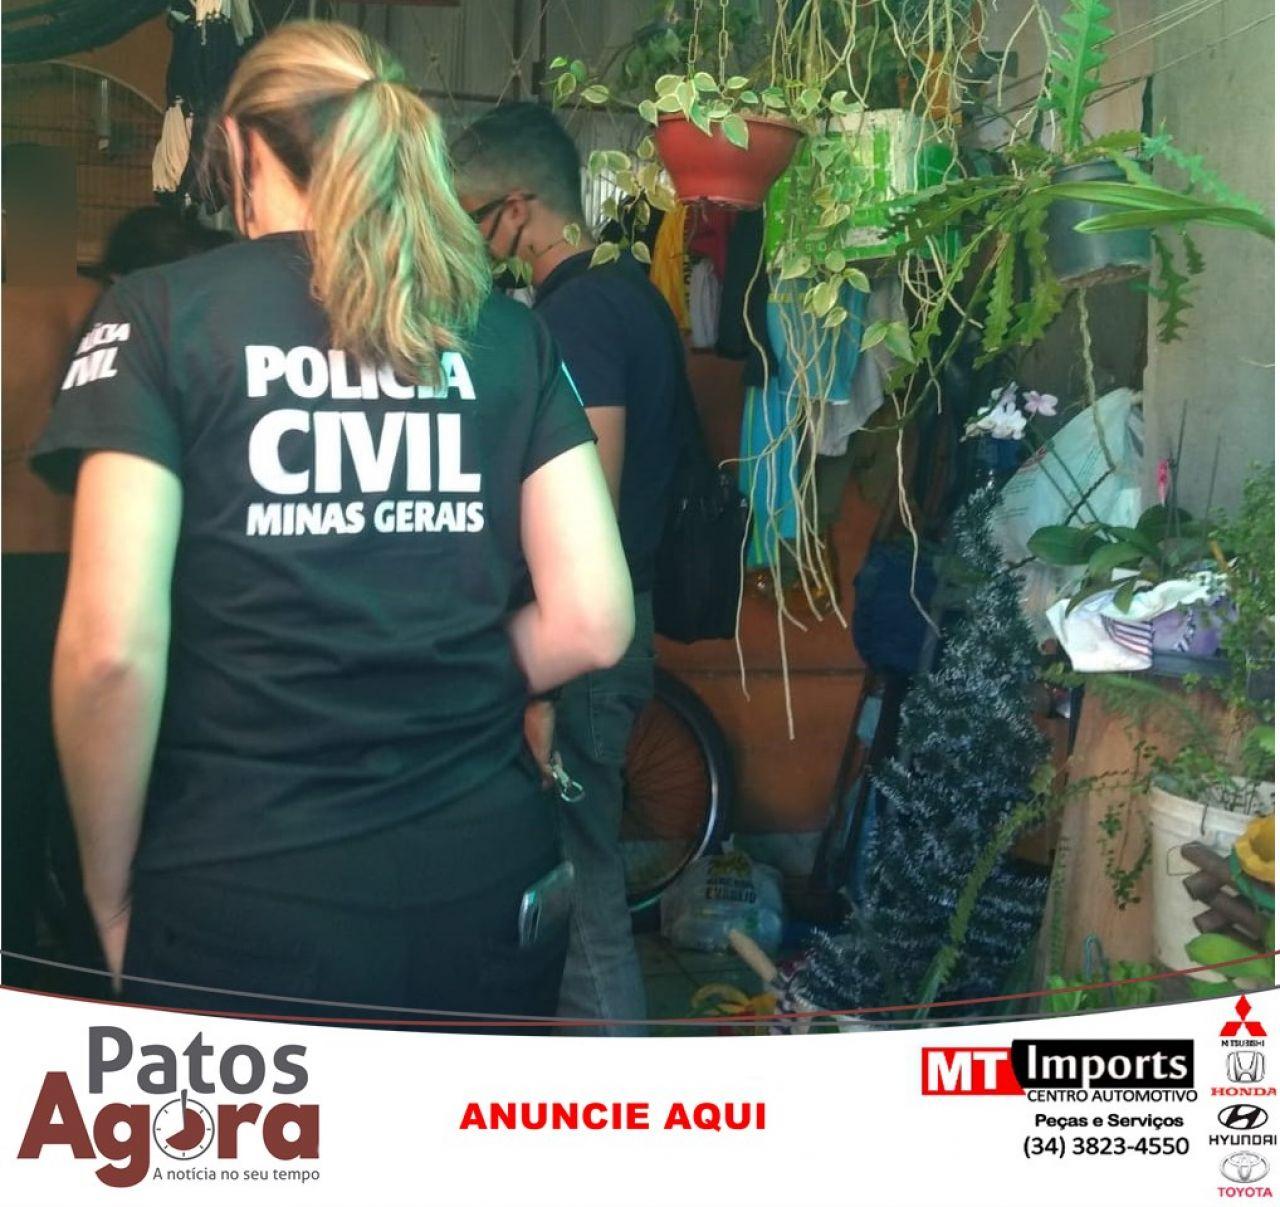 Polícia Civil resolve dois casos de feminicídio, em um dos casos o corpo da mulher foi carbonizado